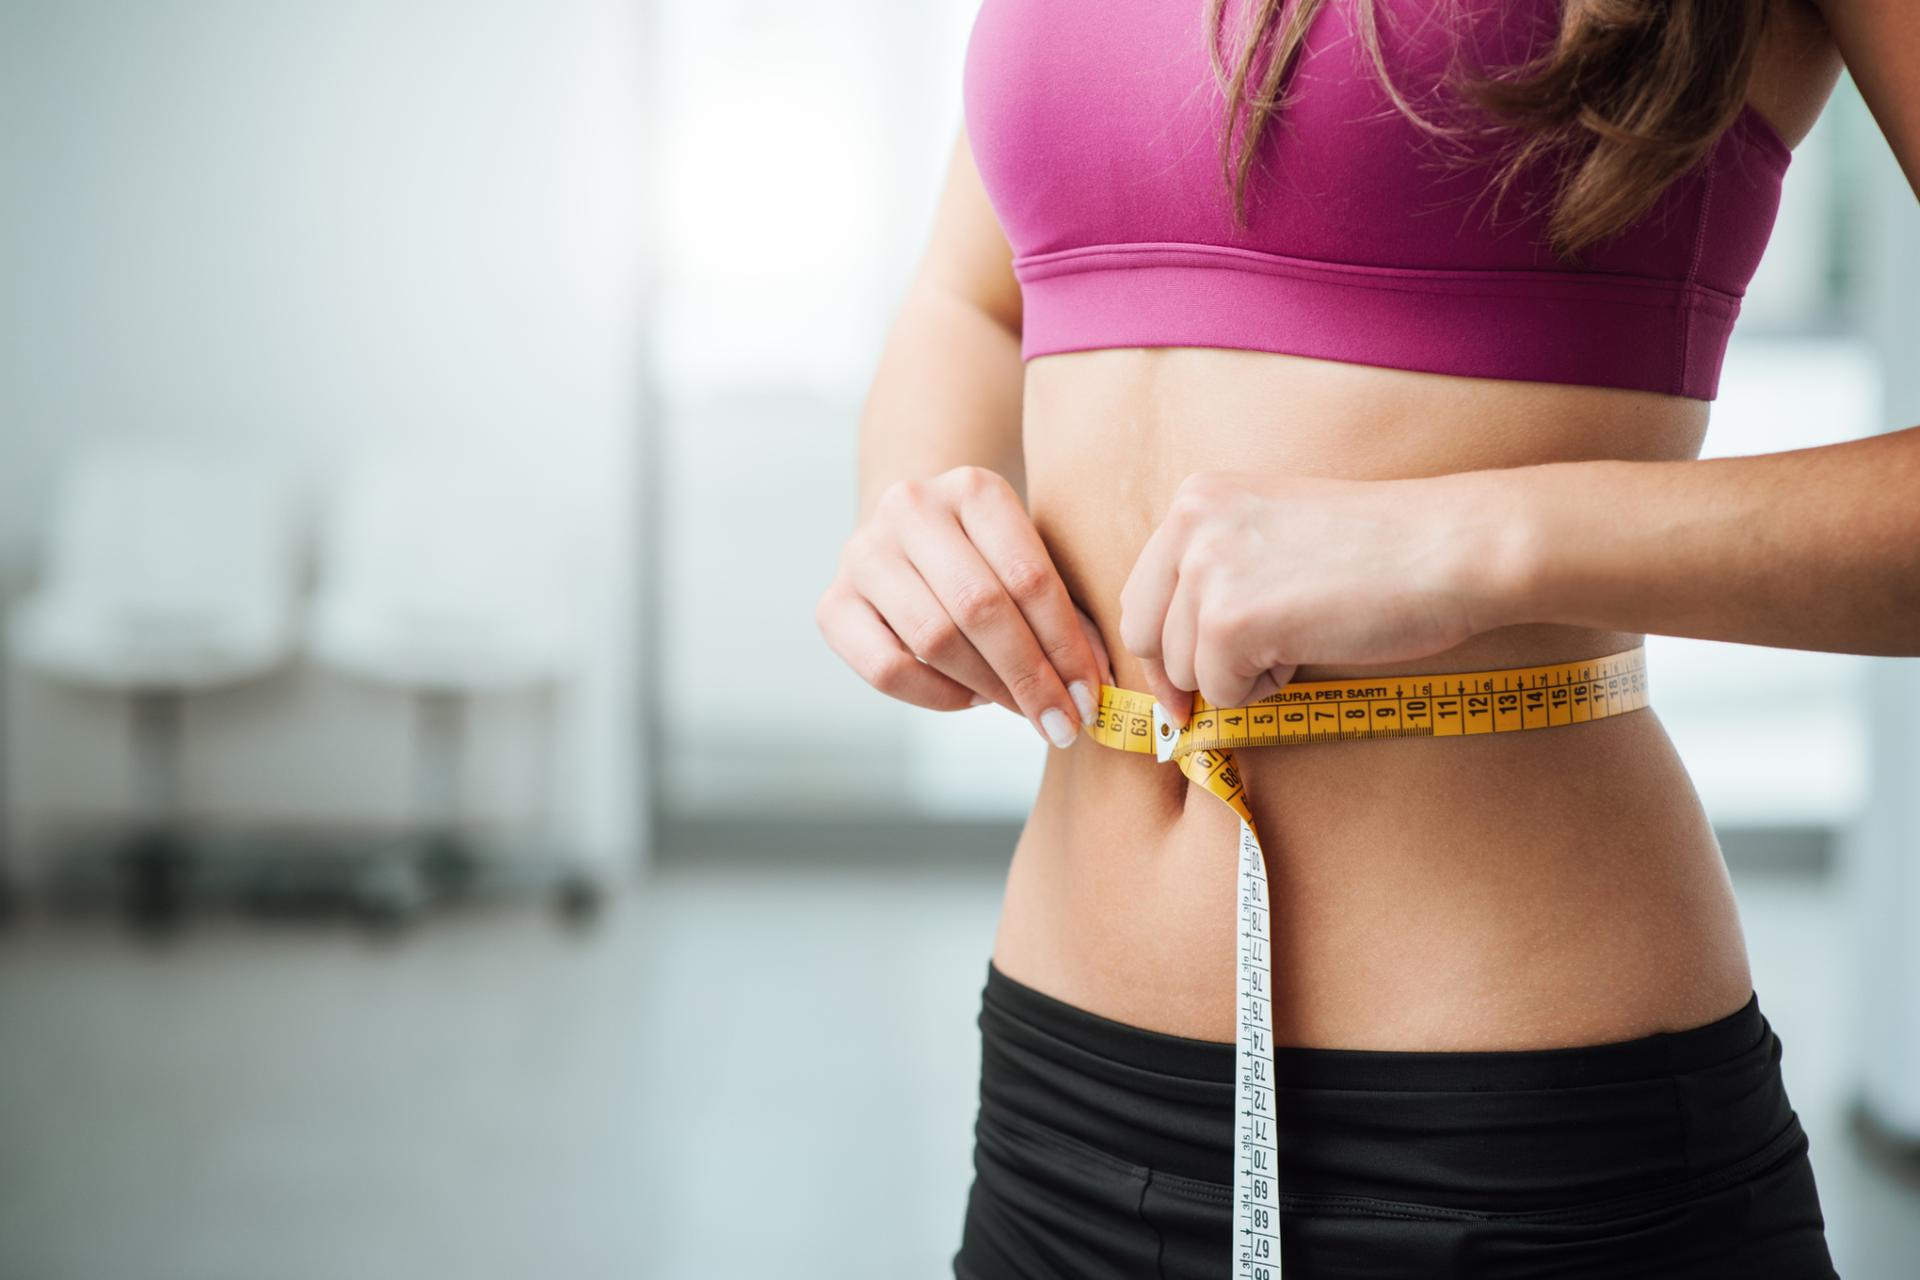 Dieta Na Brzuch Dla Kobiety Jaka Powinna Byc Dieta Na Brzuch Dla